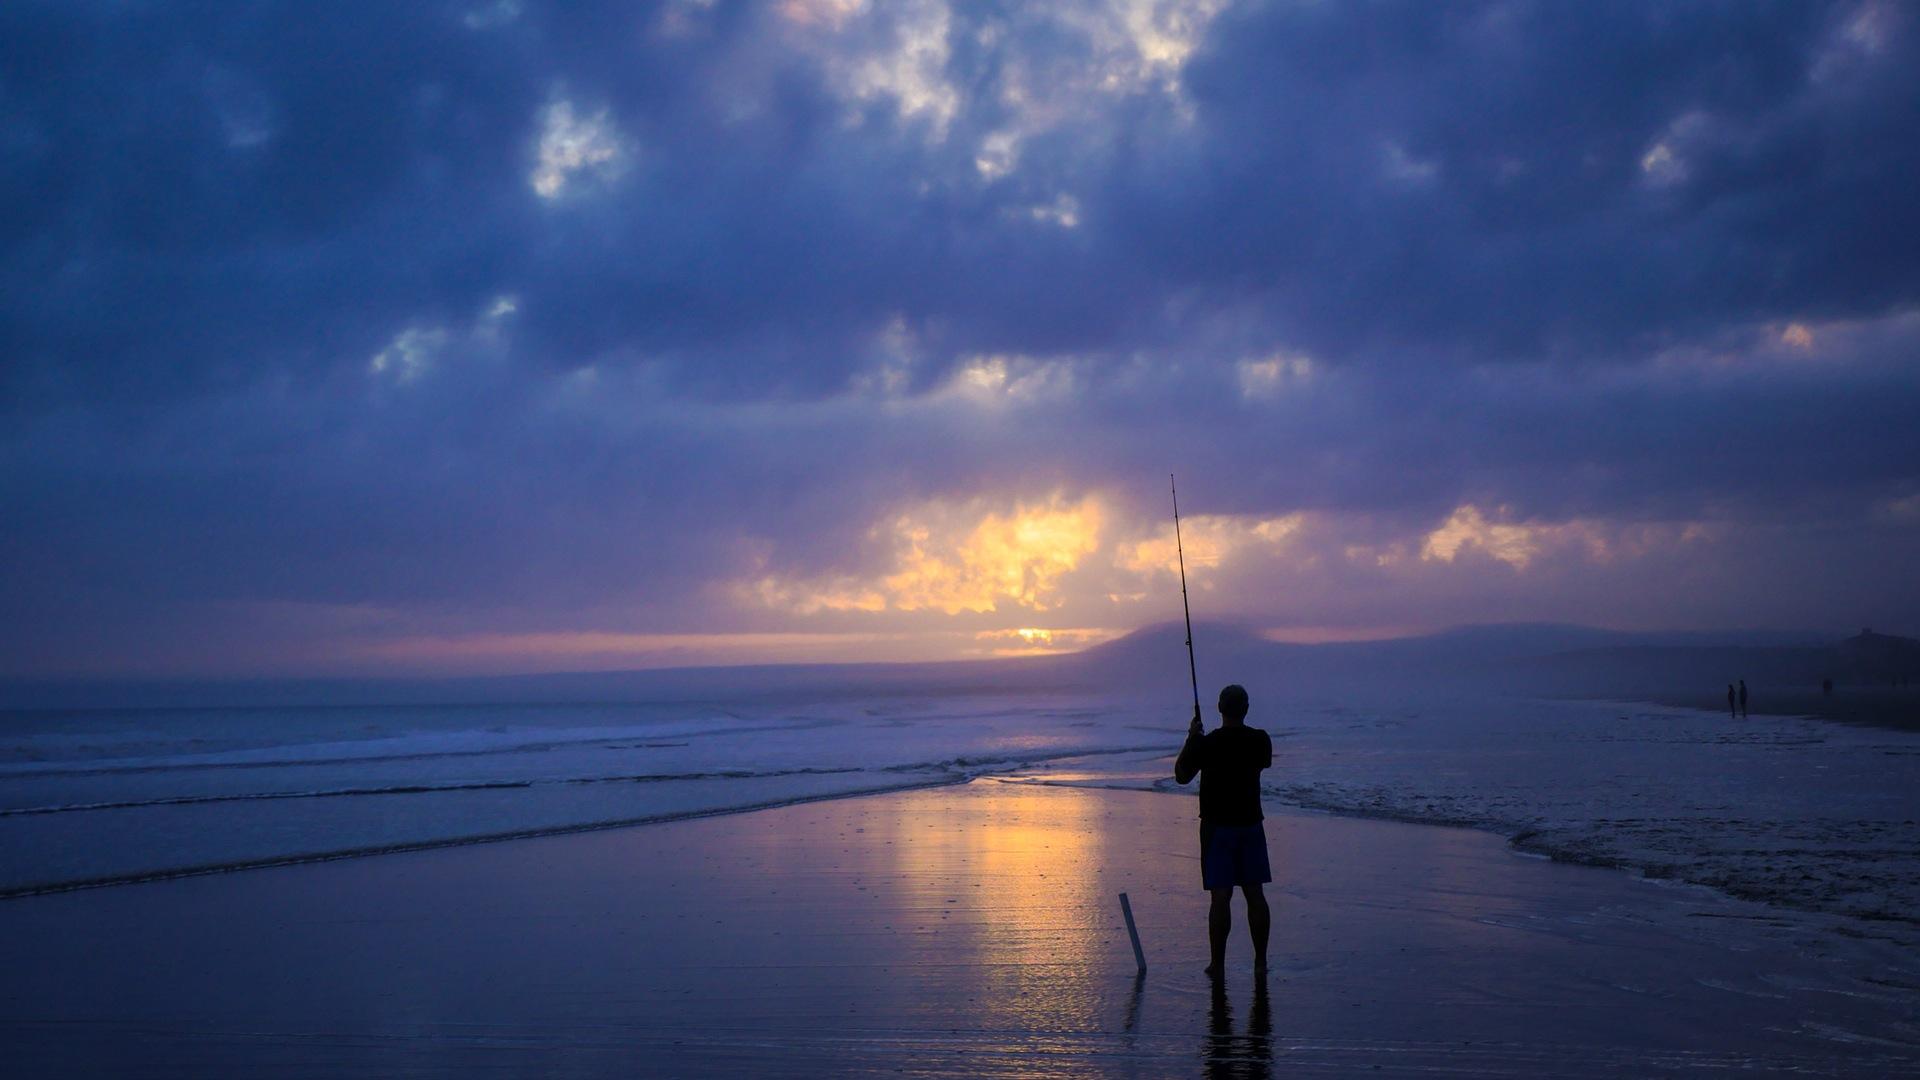 homem, pesca, Mar, Céu, nuvens - Papéis de parede HD - Professor-falken.com